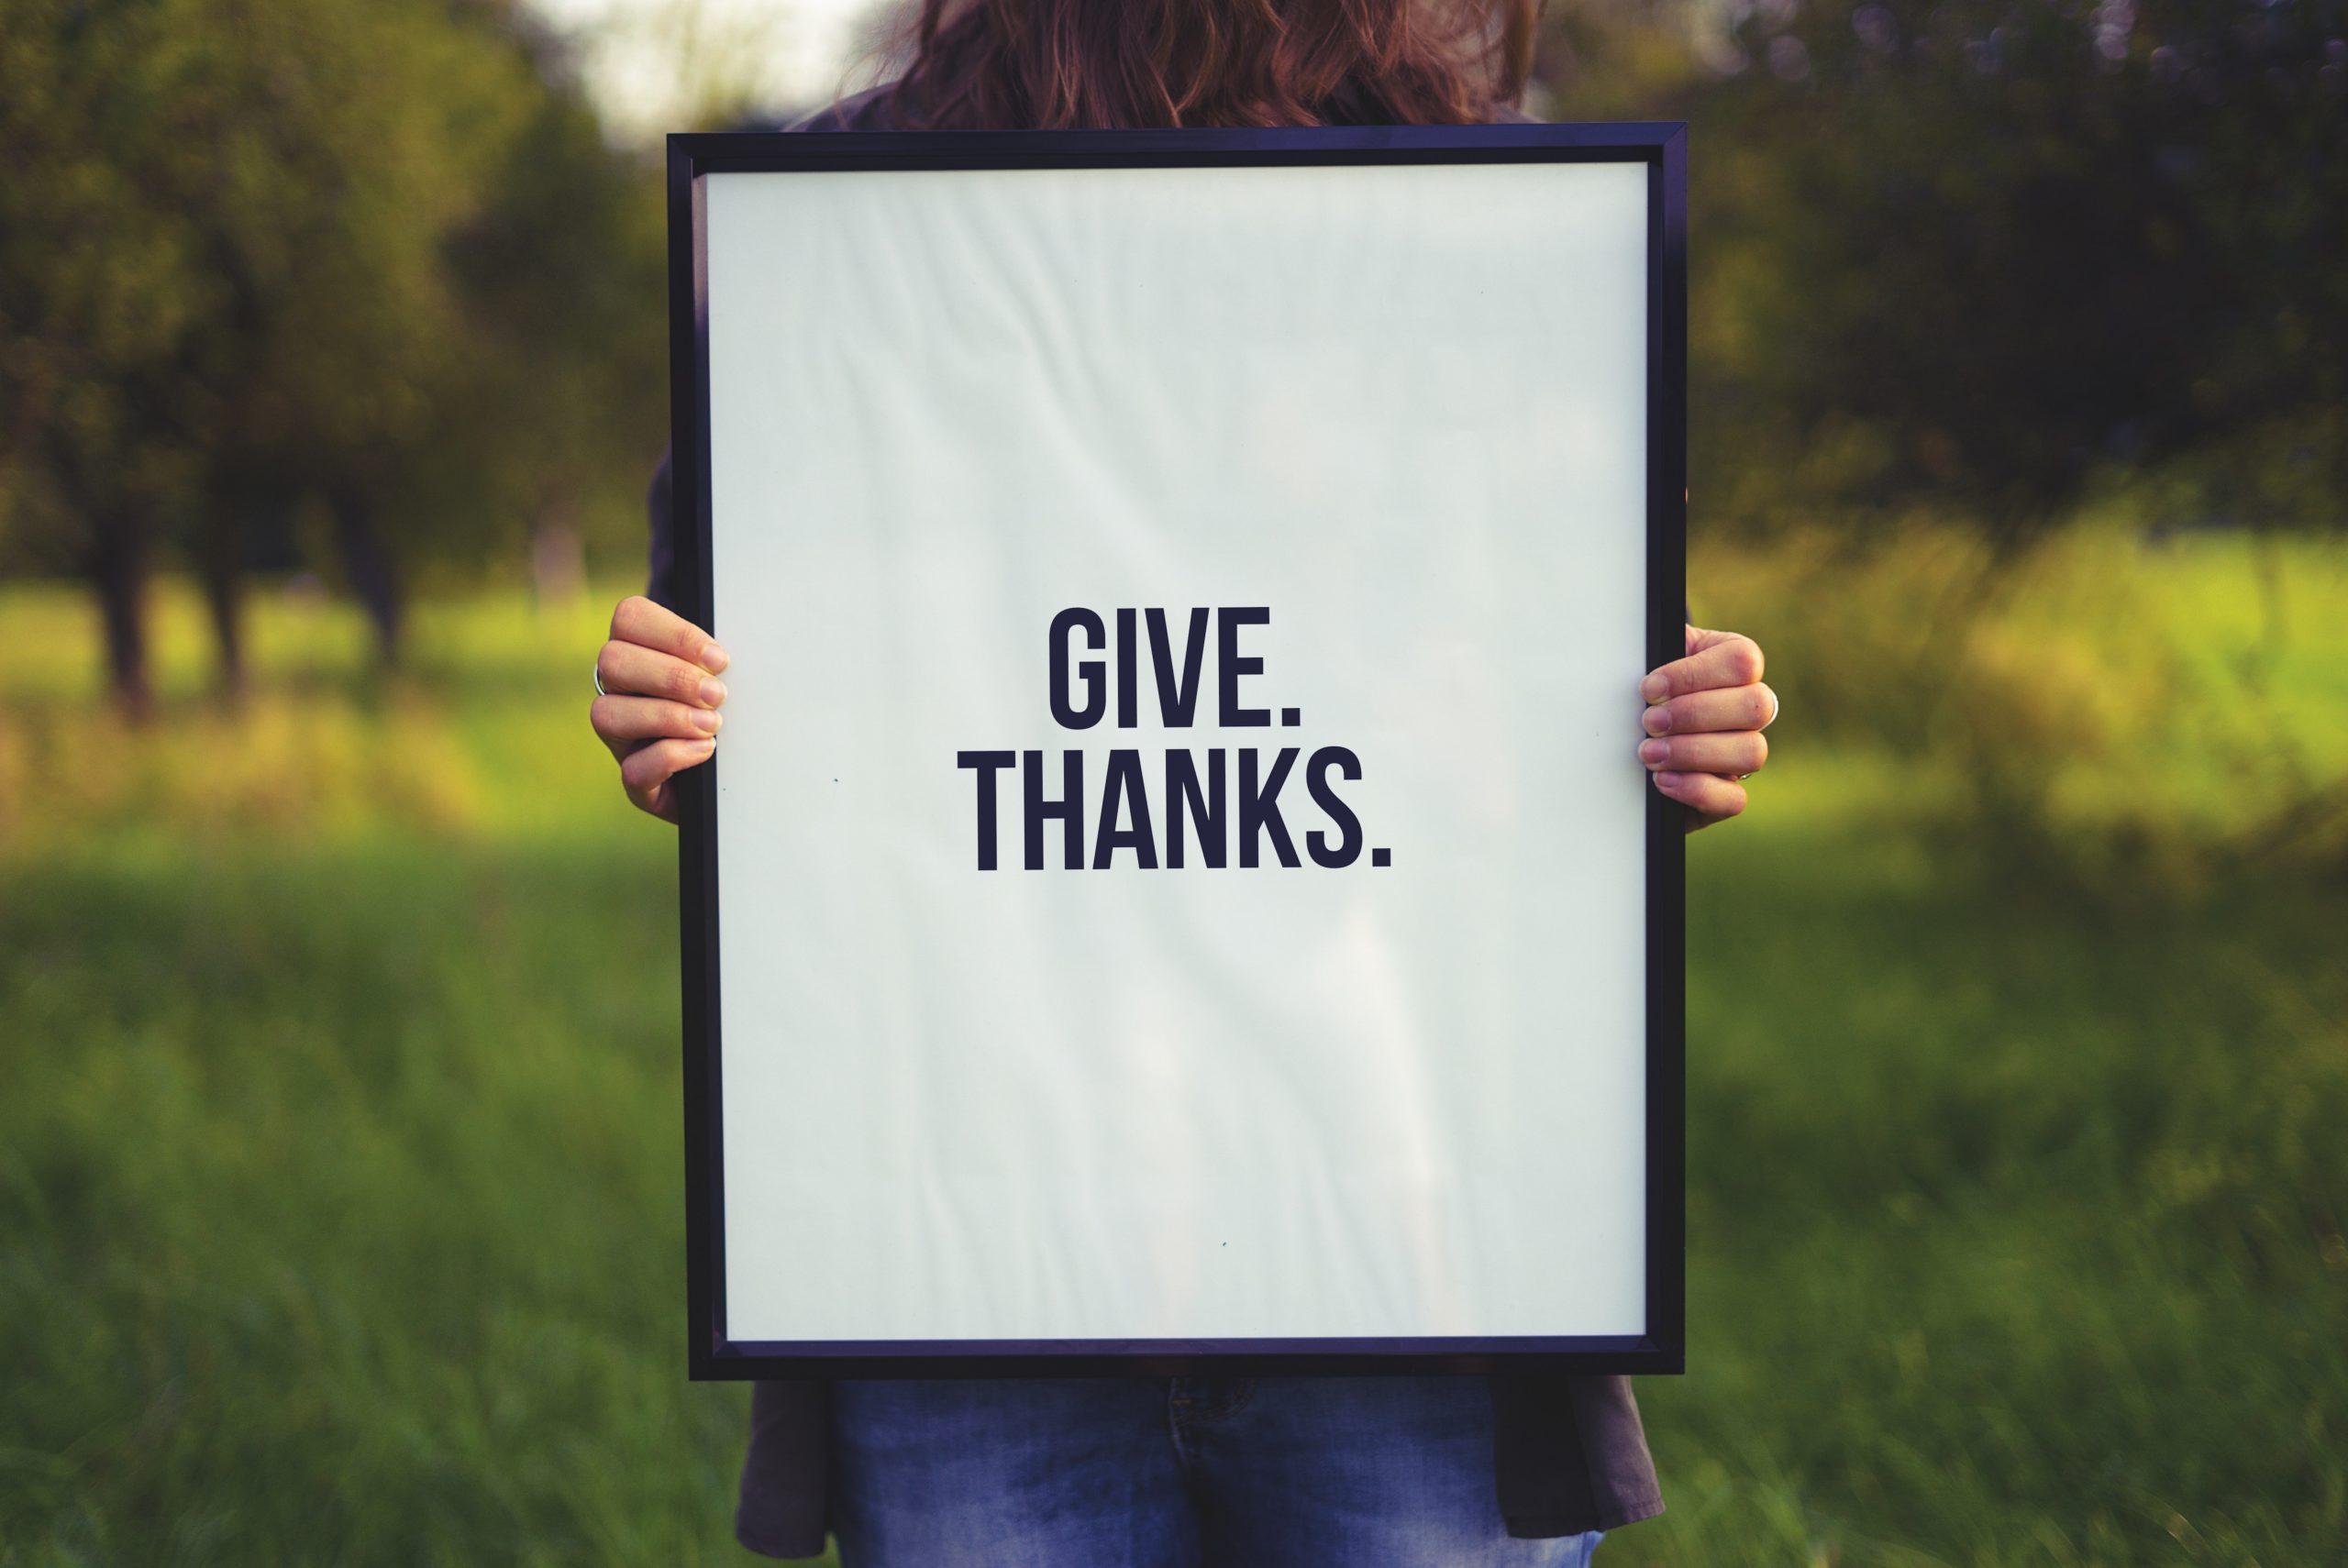 Grumbling or Gratitude